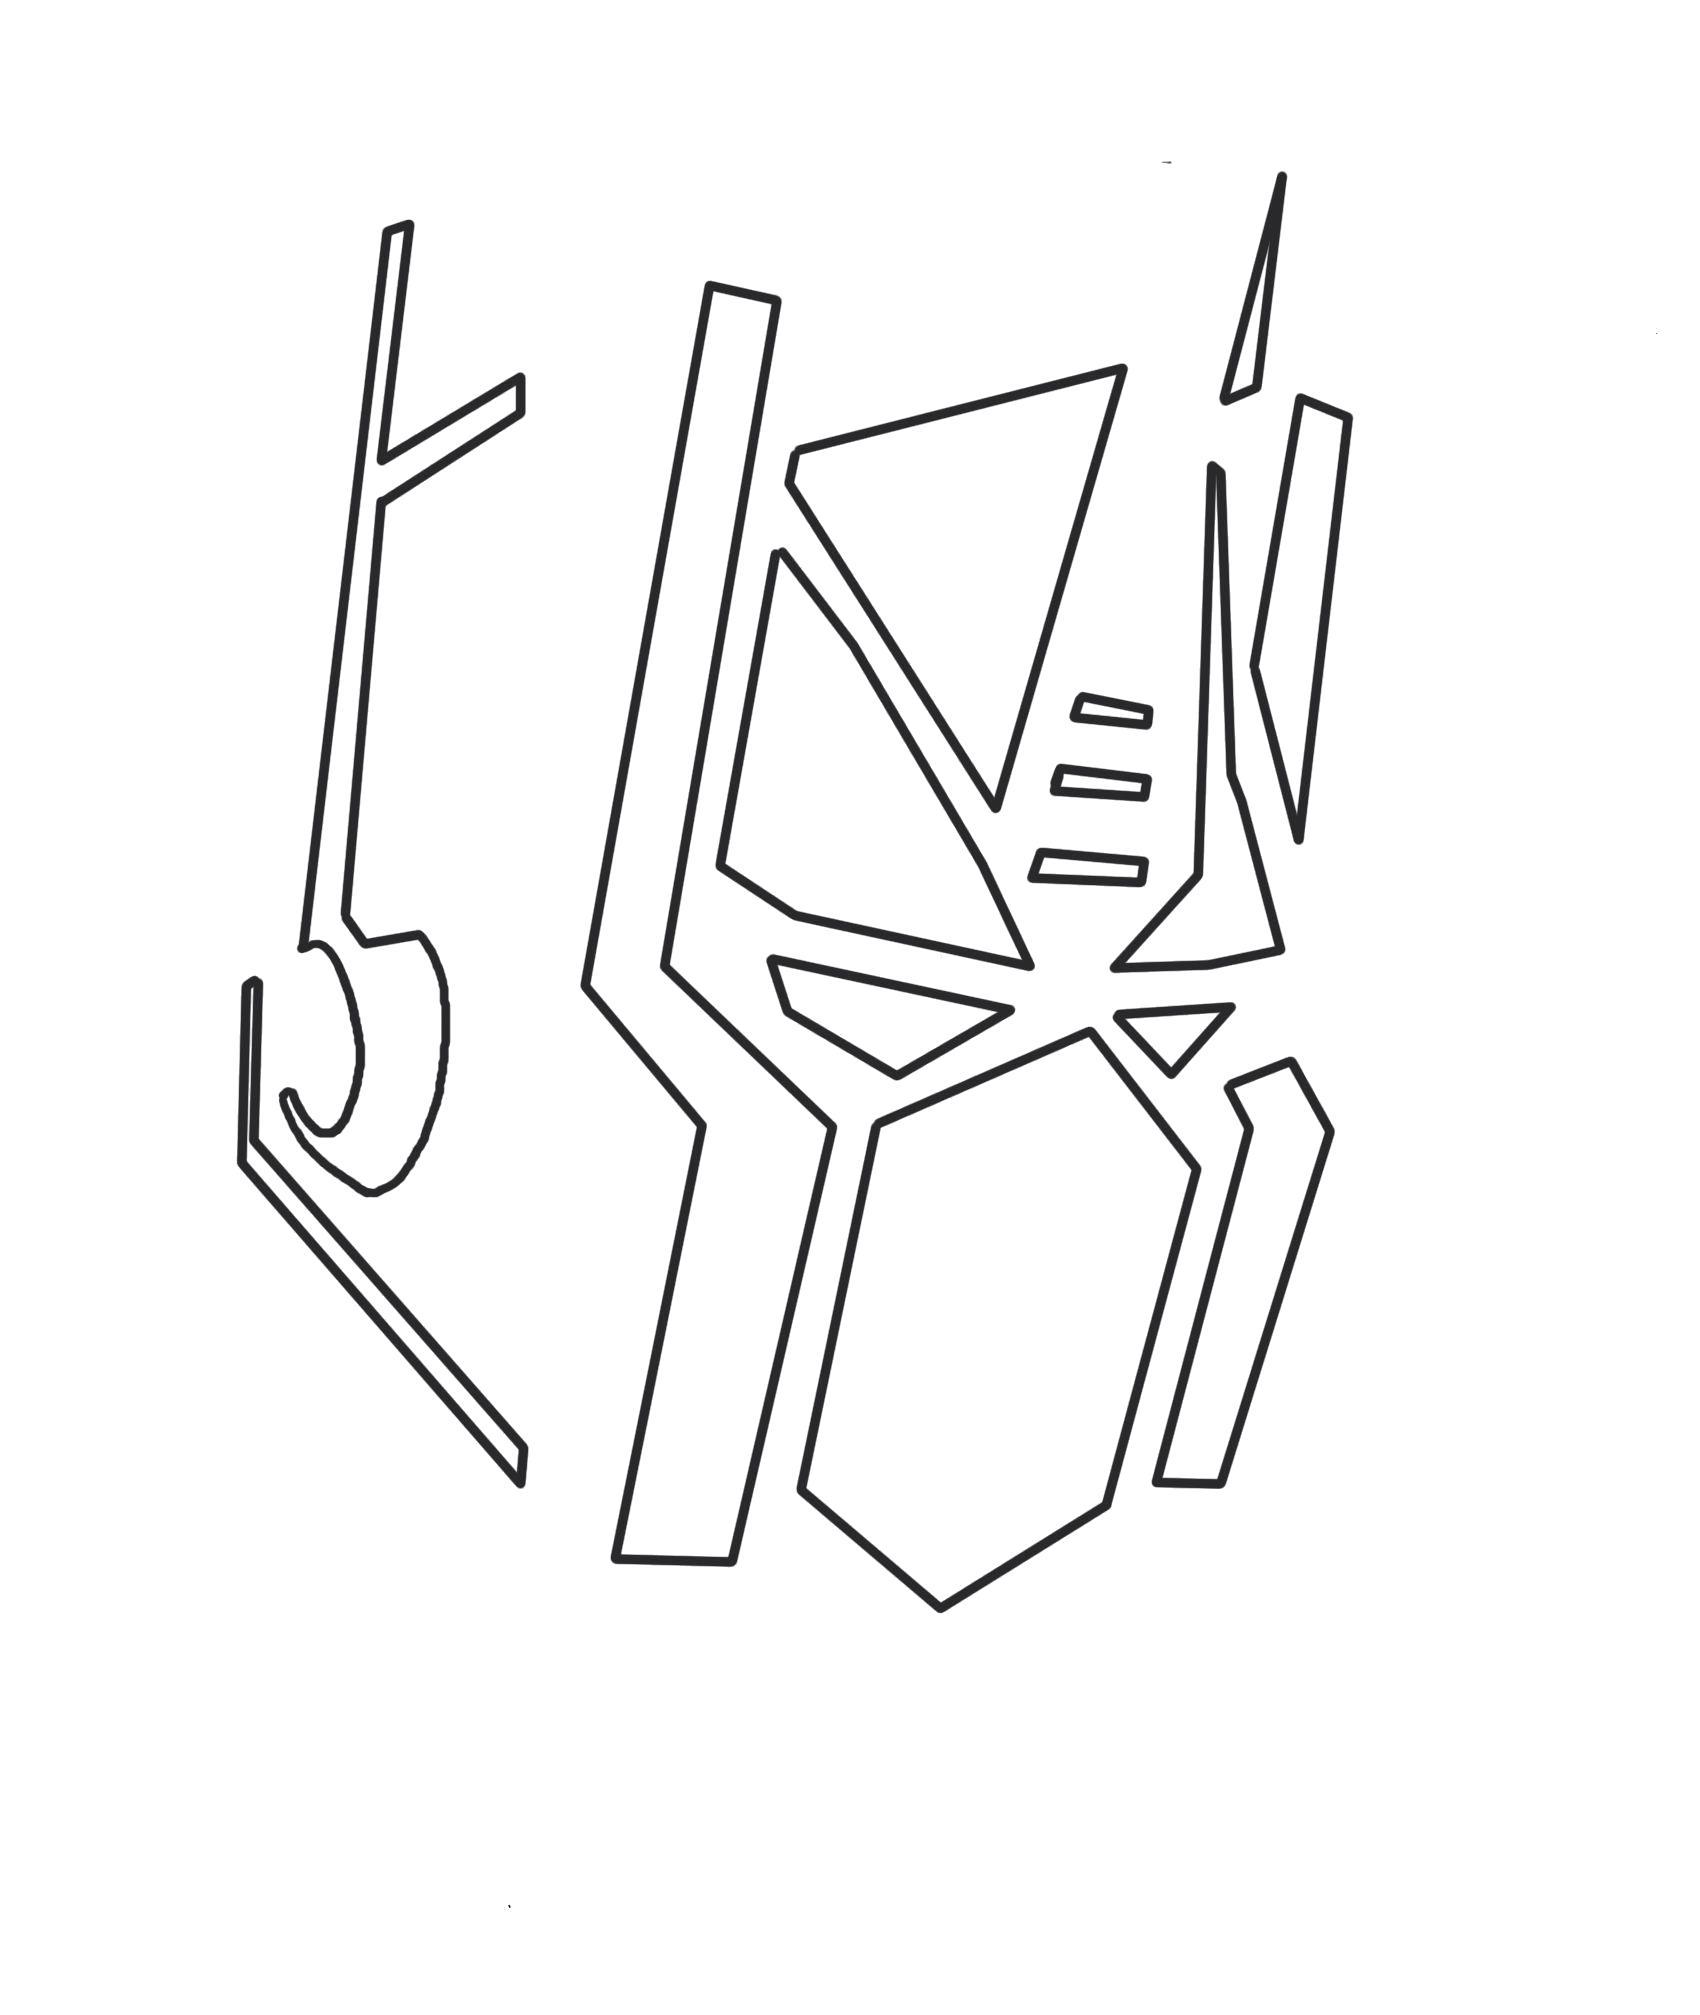 """Раскраска  """"трансформеры прайм оптимус прайм"""" скачать и распечатать бесплатно. Скачать Трансформеры.  Распечатать Трансформеры"""